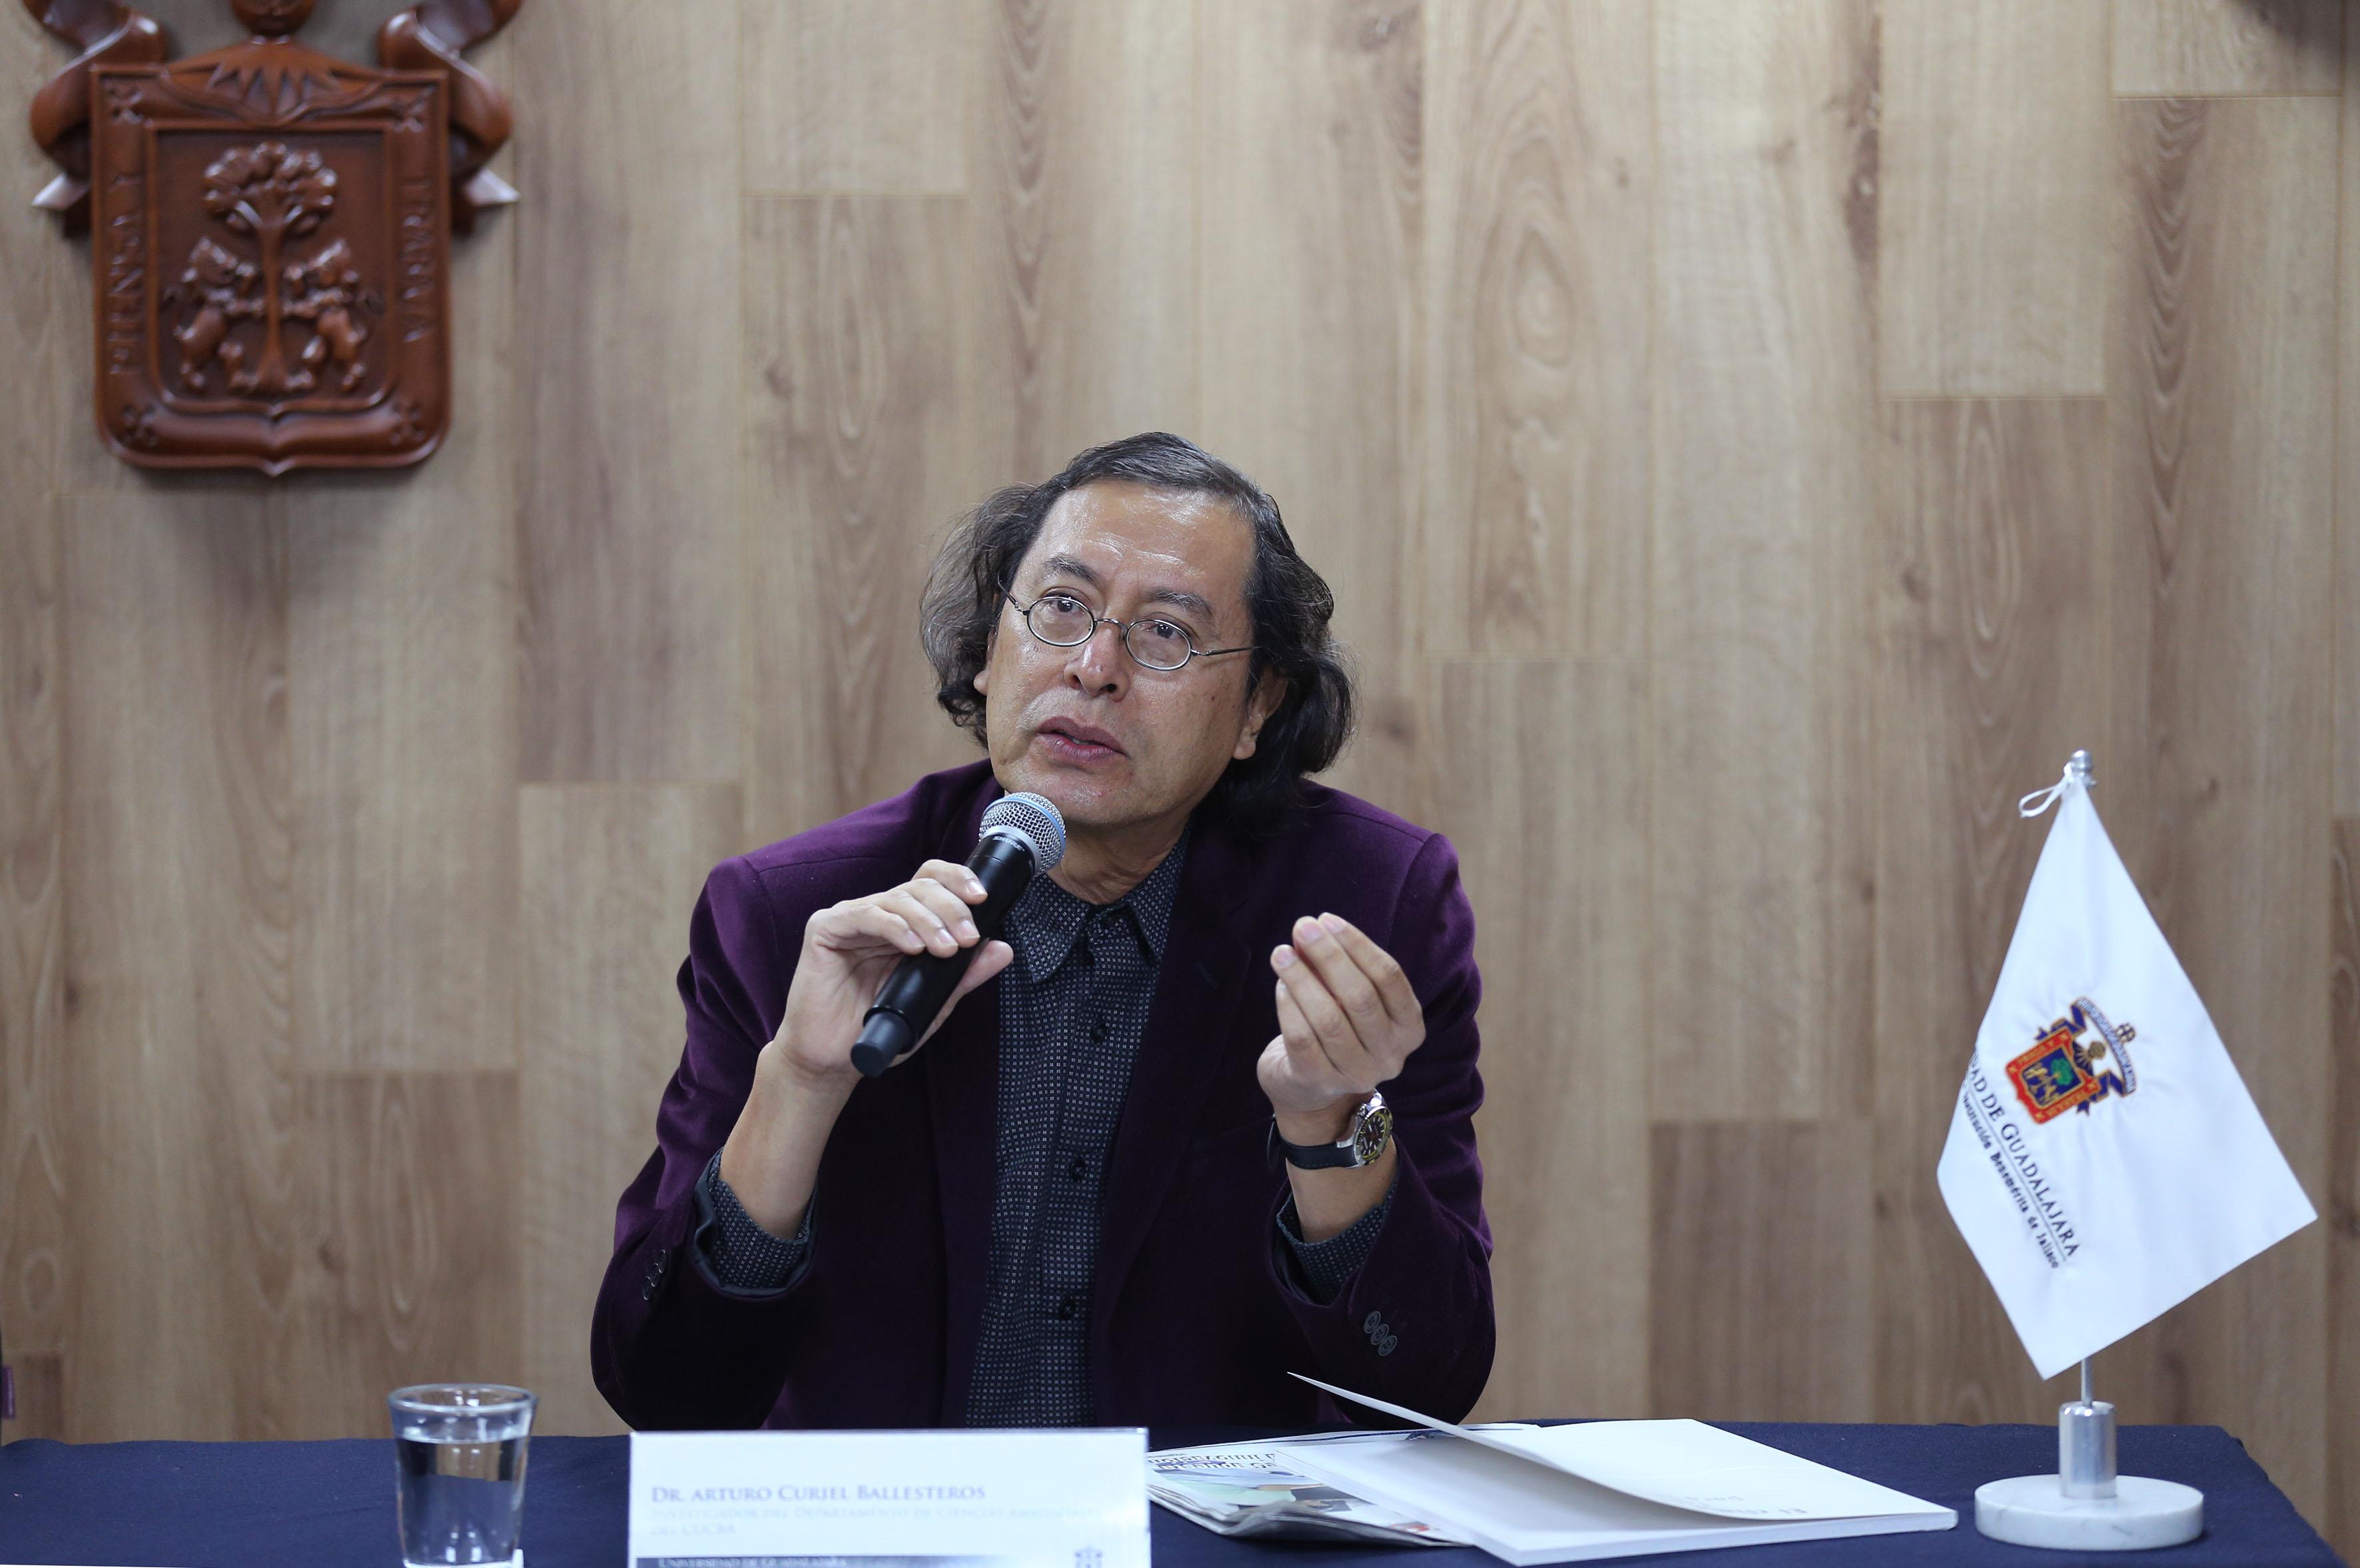 Dr. Arturo Curiel Ballesteros haciendo uso de la palabra en conferencia de prensa